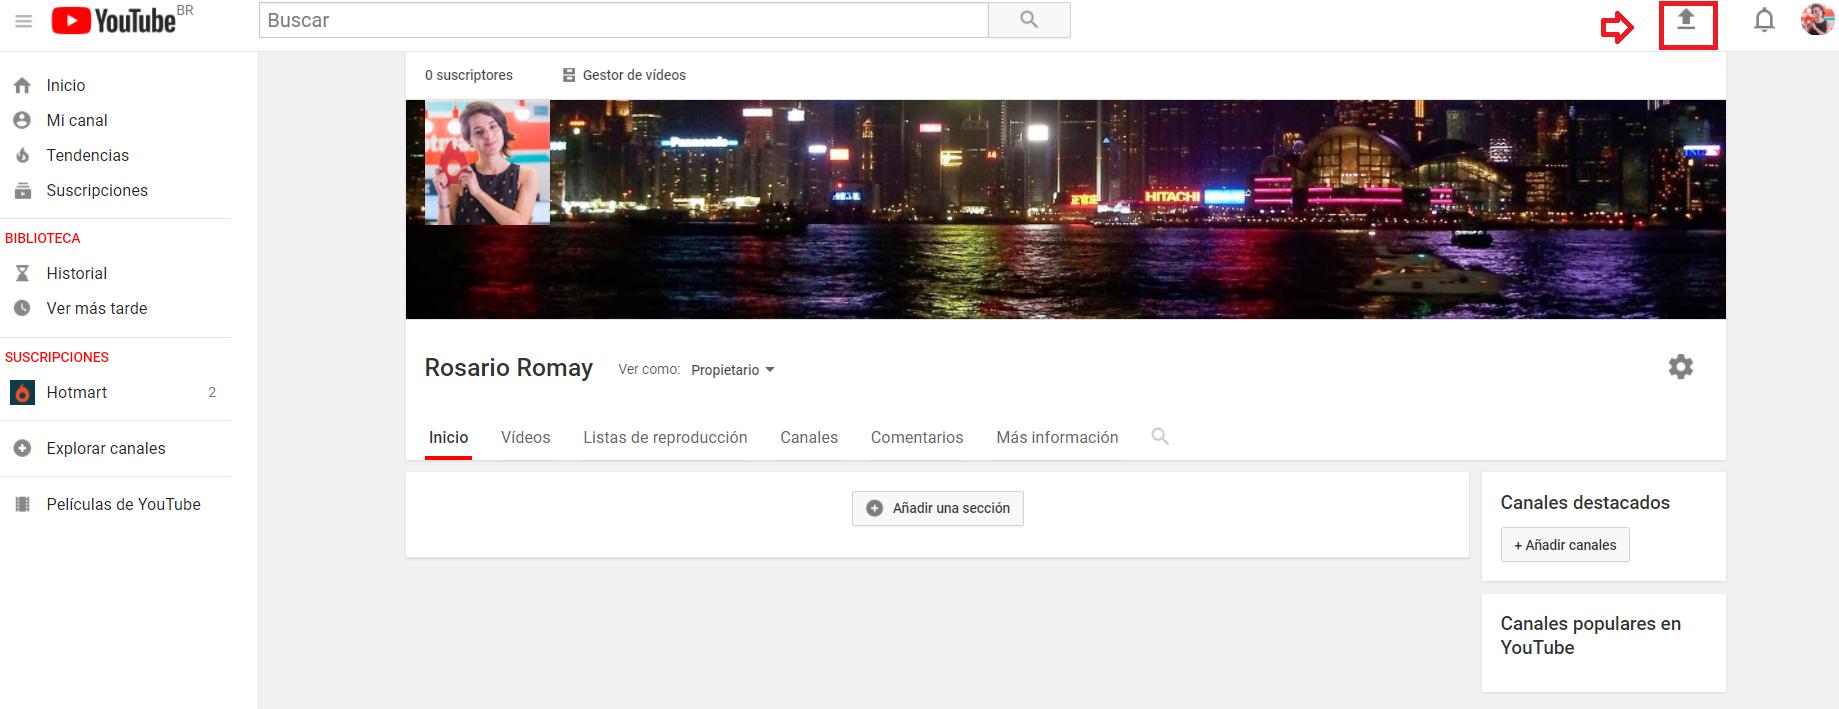 Crear un canal en YouTube - Imagen de la pantalla indicando cómo enviar vídeos